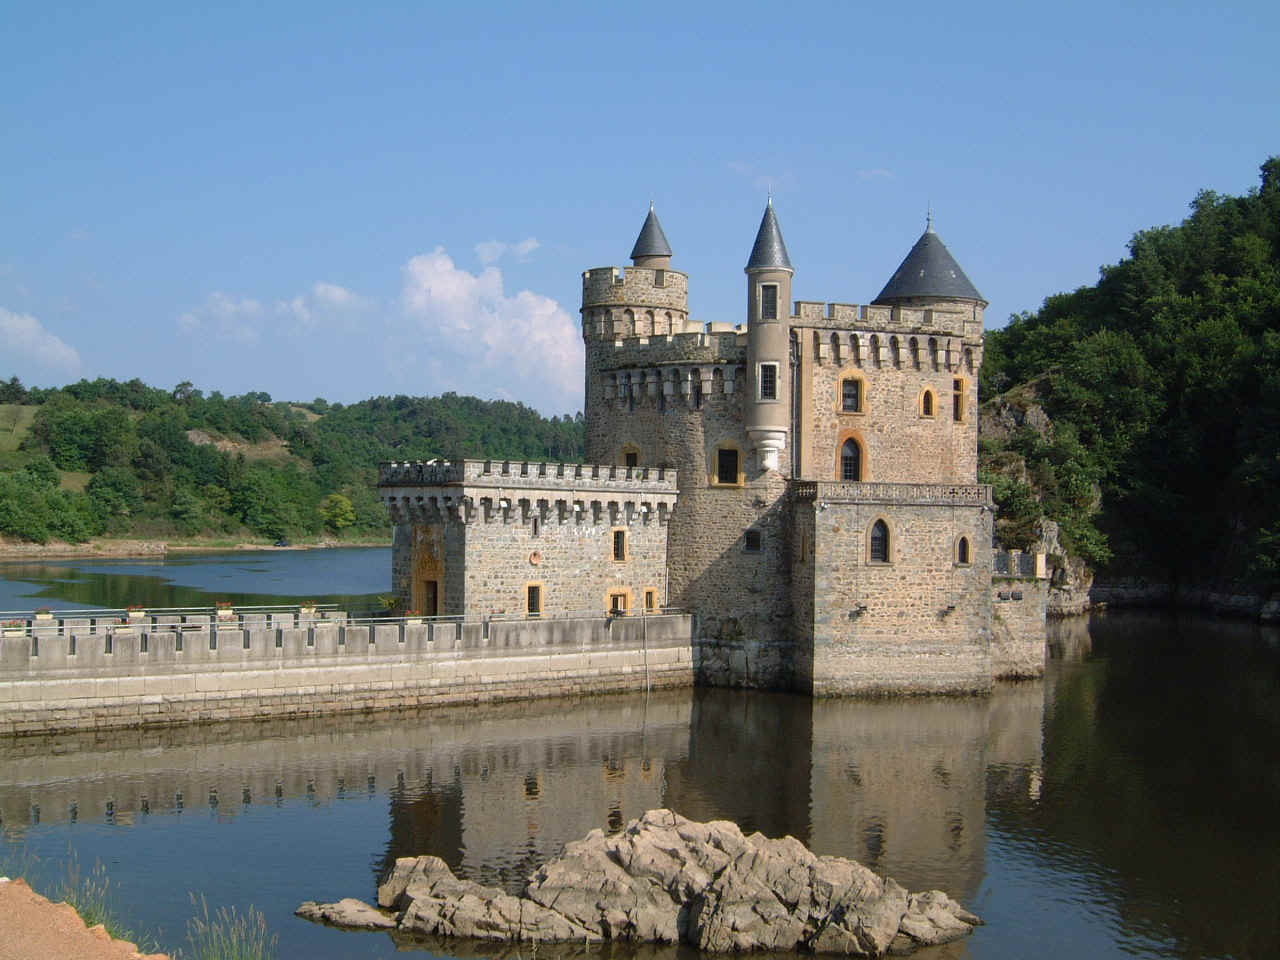 Castelul Amboise